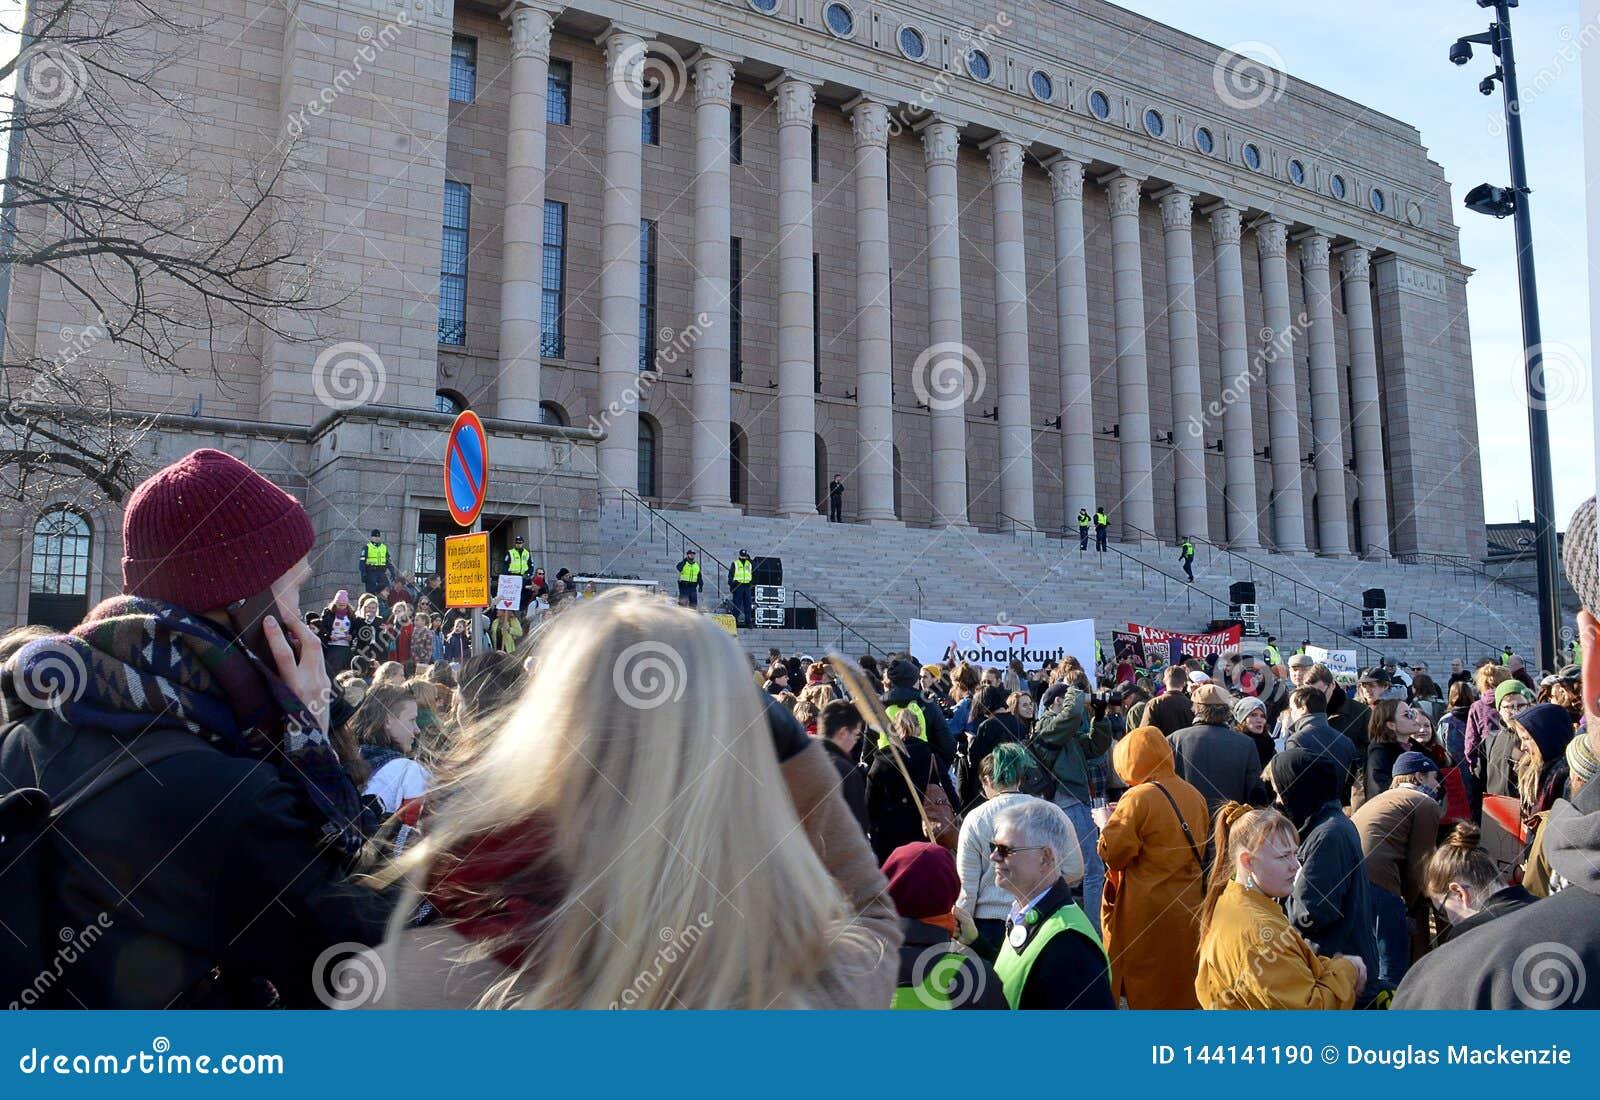 Protest mot regeringoverksamhet på klimatförändring, Helsingfors, Finland